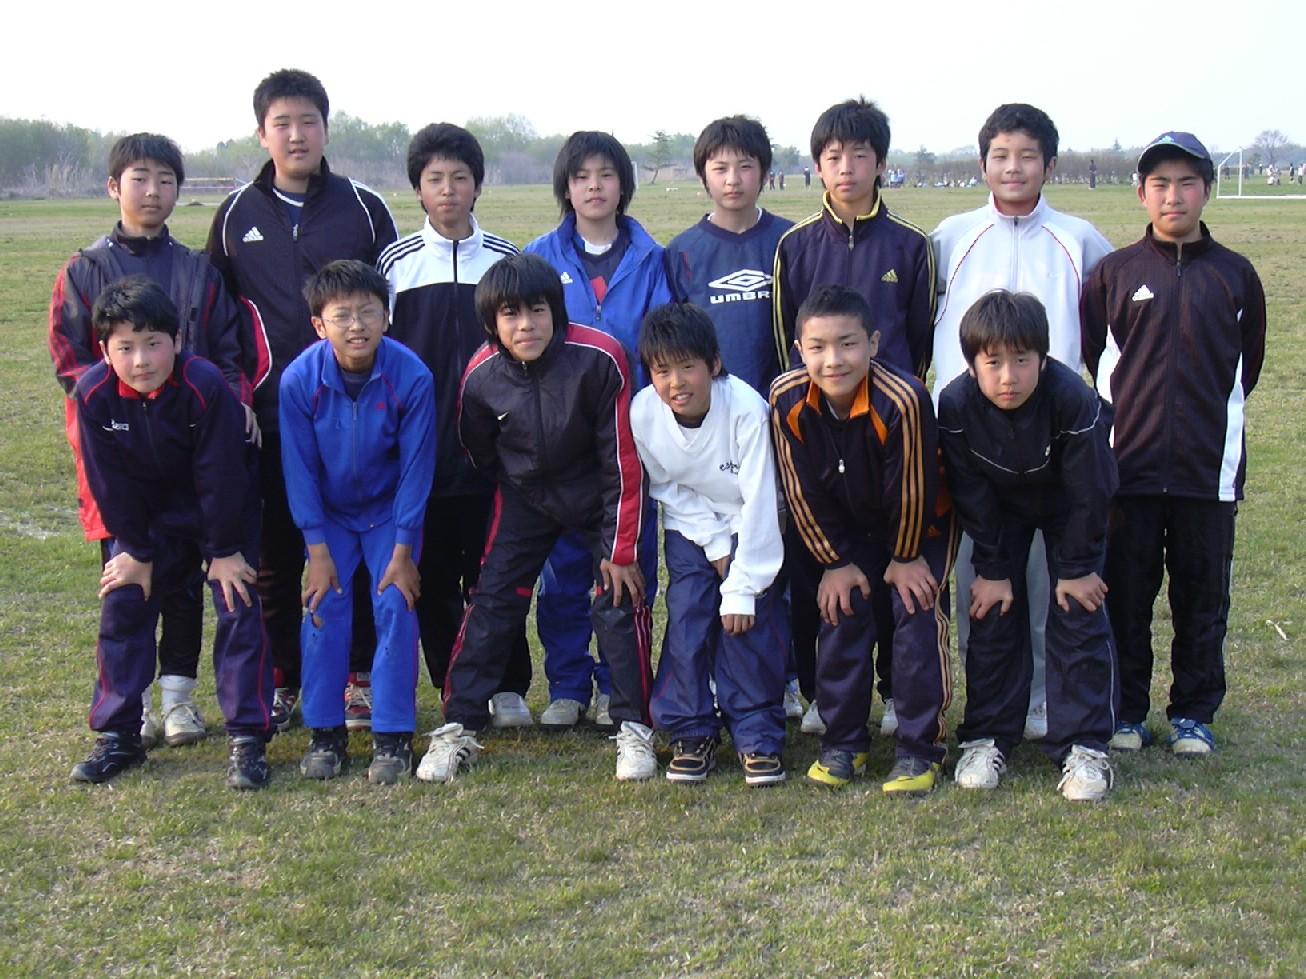 2009エスプリU-15 総勢14名